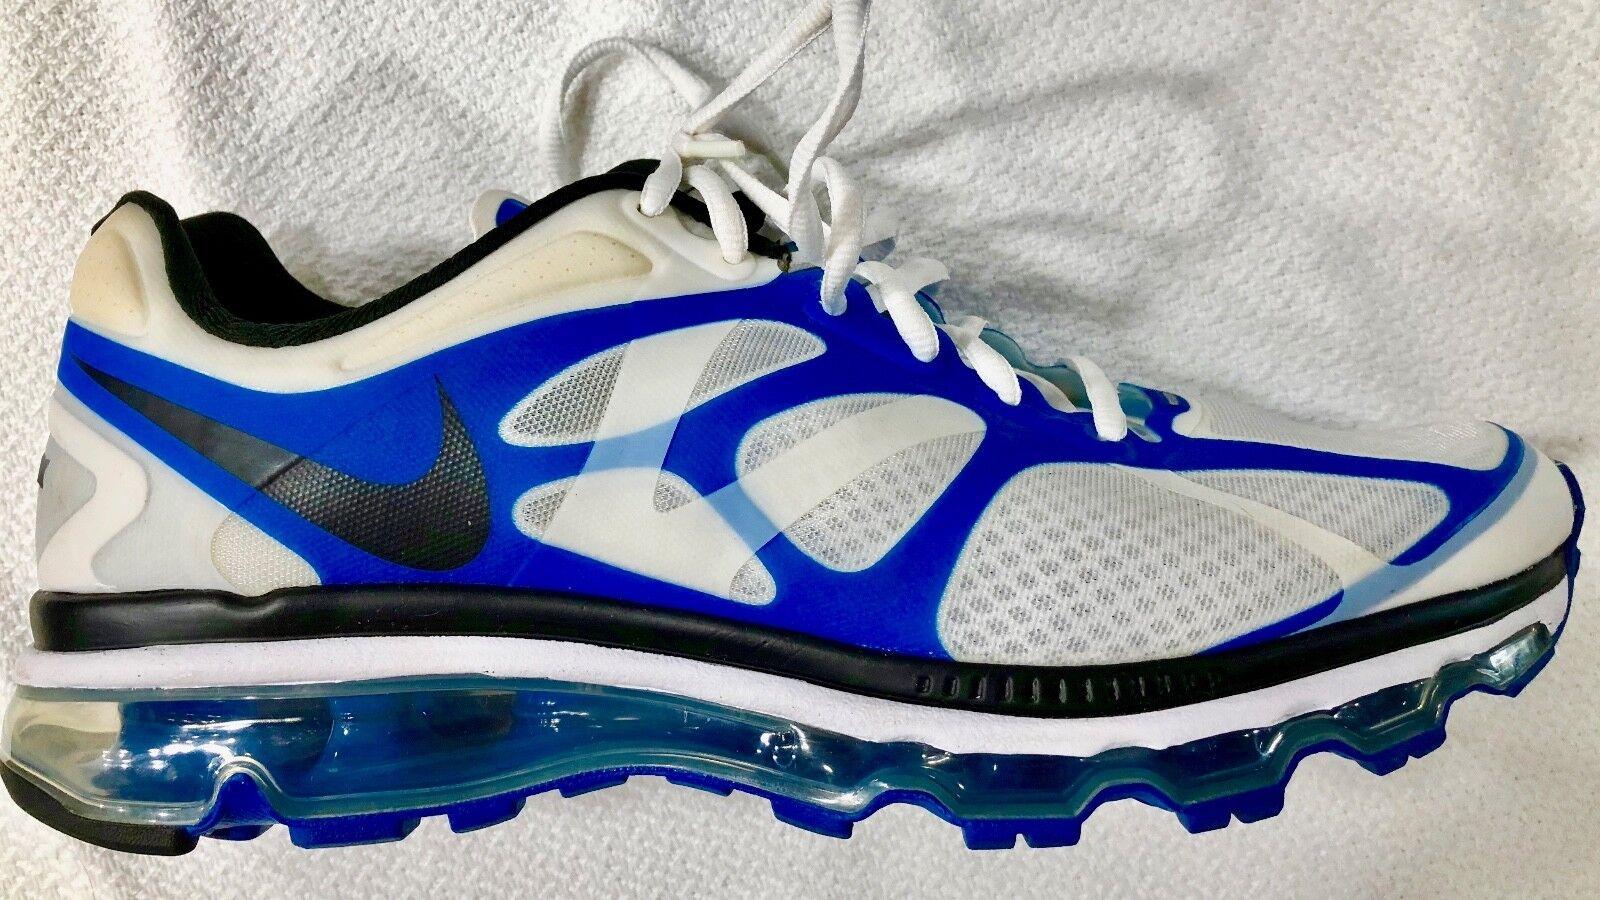 Nike schuhe airmax 2012 weiße, blaue, schwarze schuhe Nike der größe 10,5 cc84c9